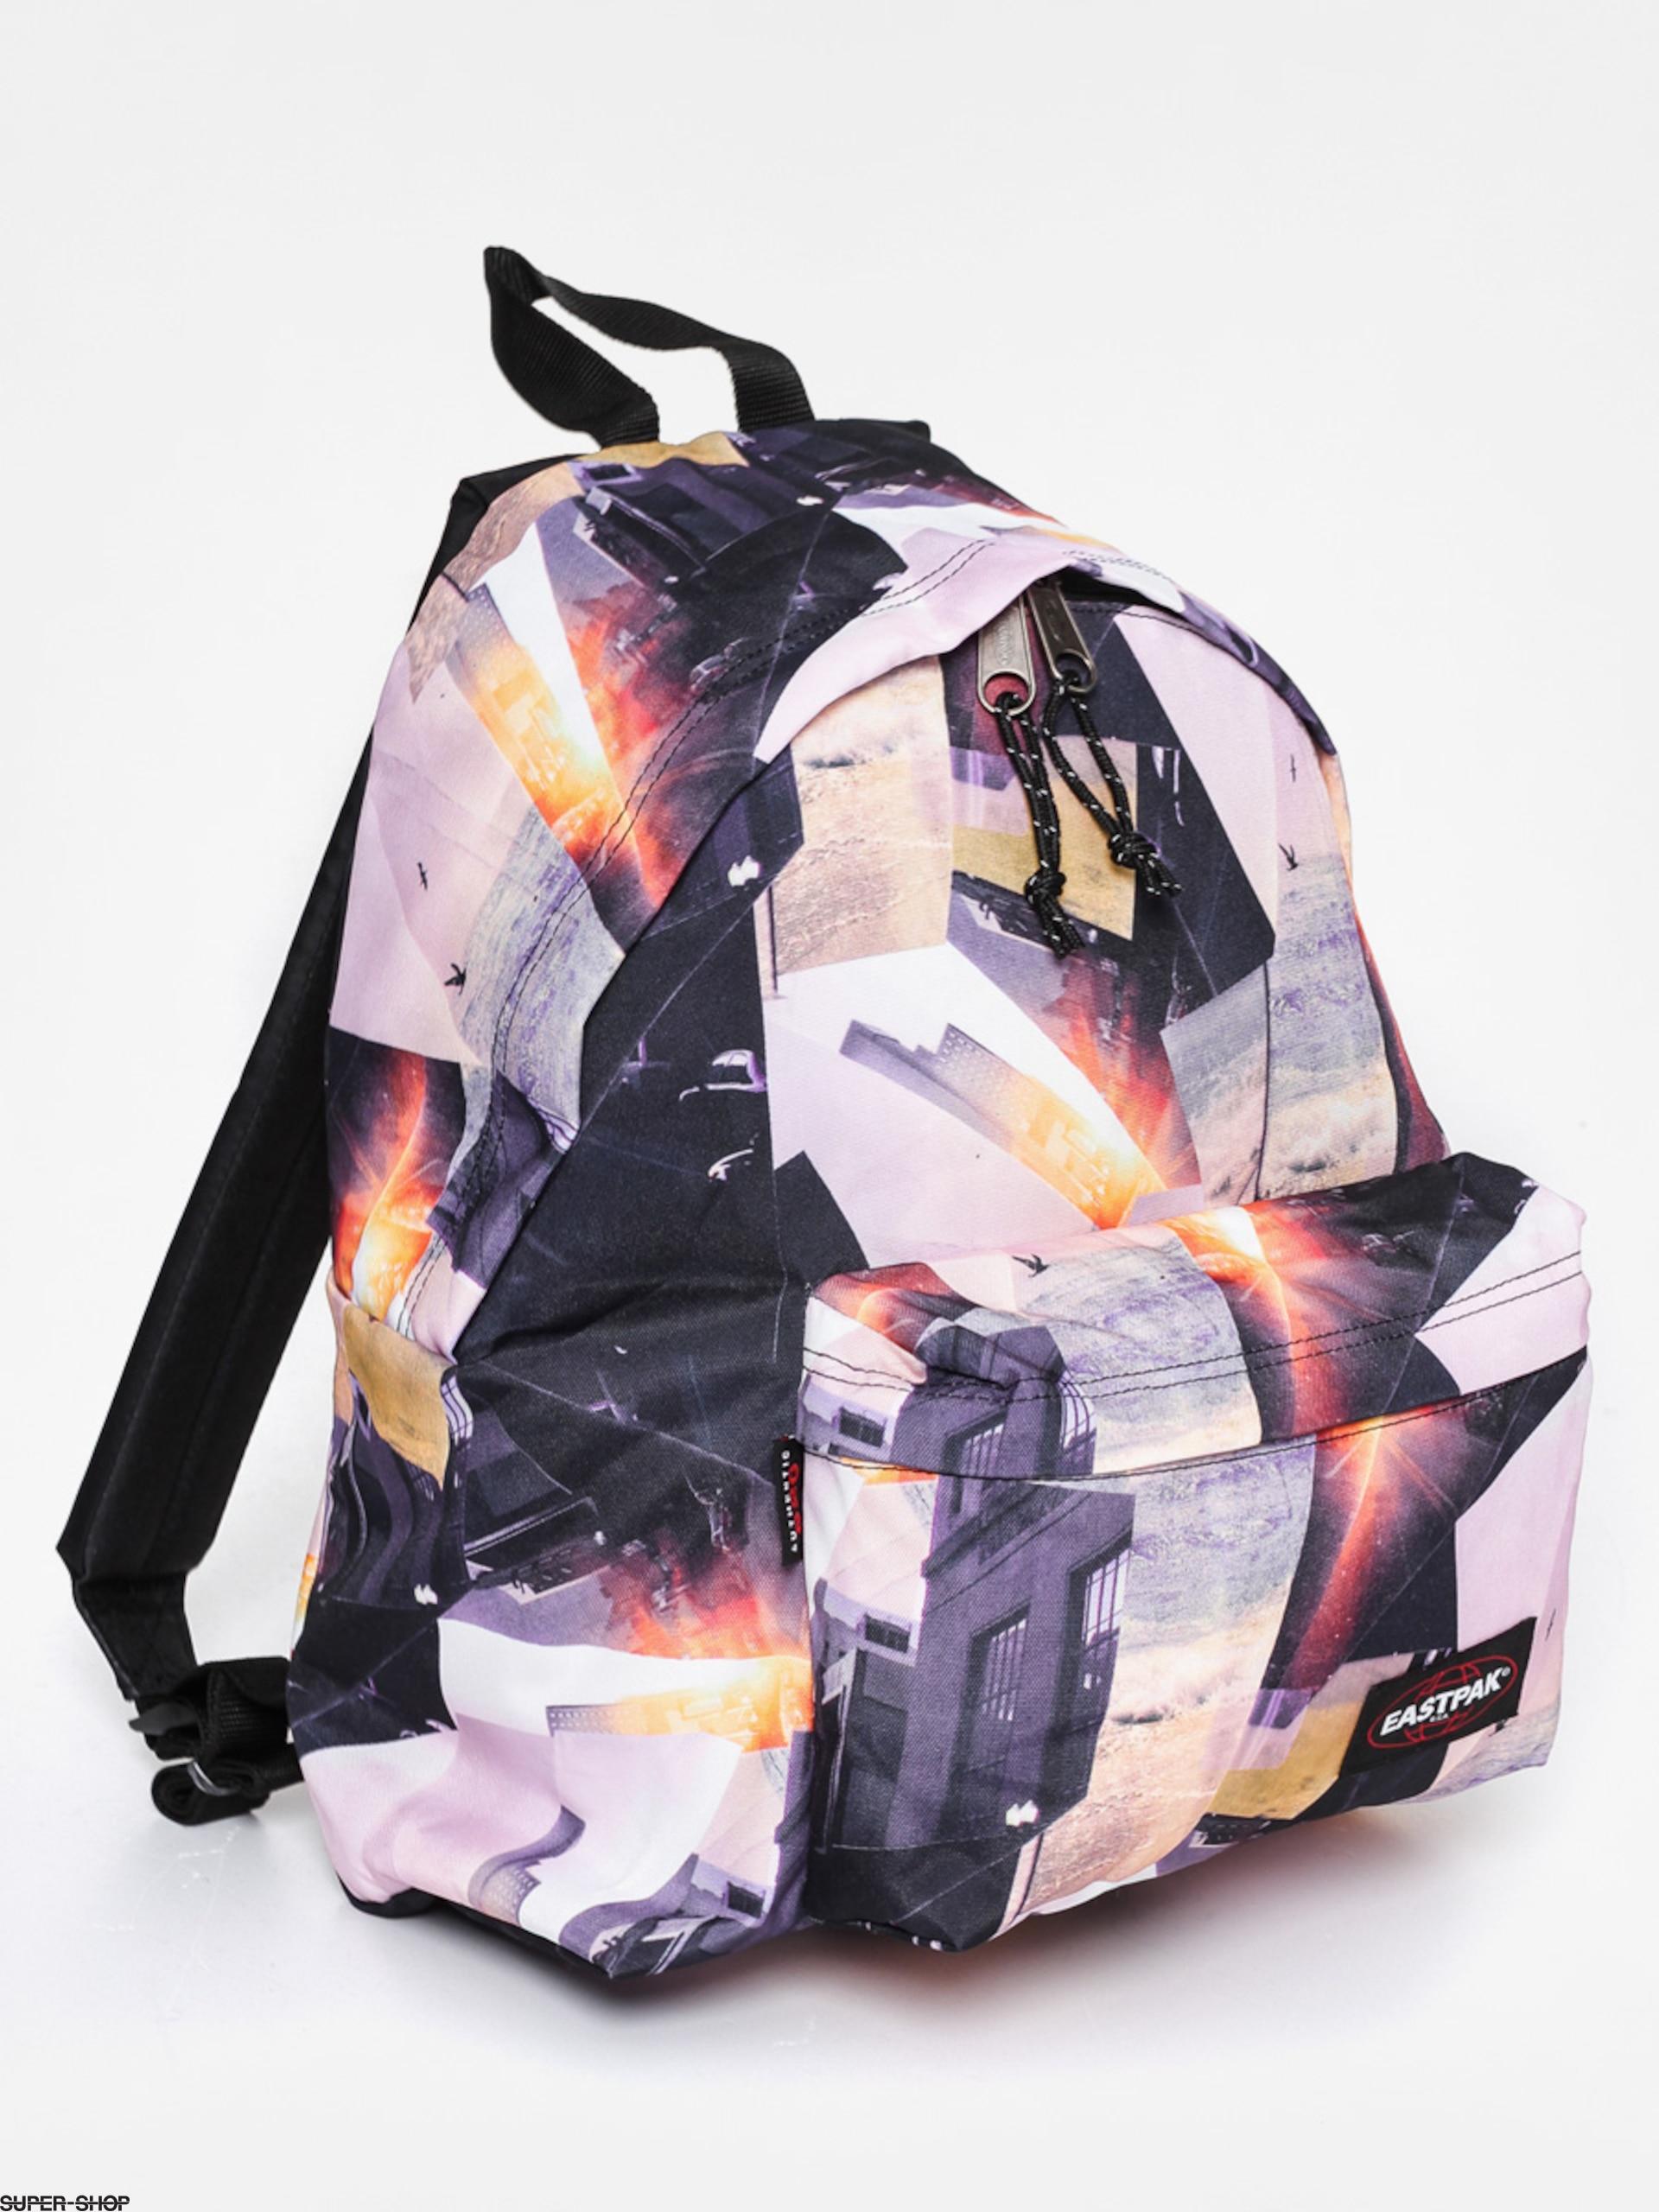 9b930038389 721445-w1920-eastpak-backpack-padded-pakr-90s-pop-24l.jpg